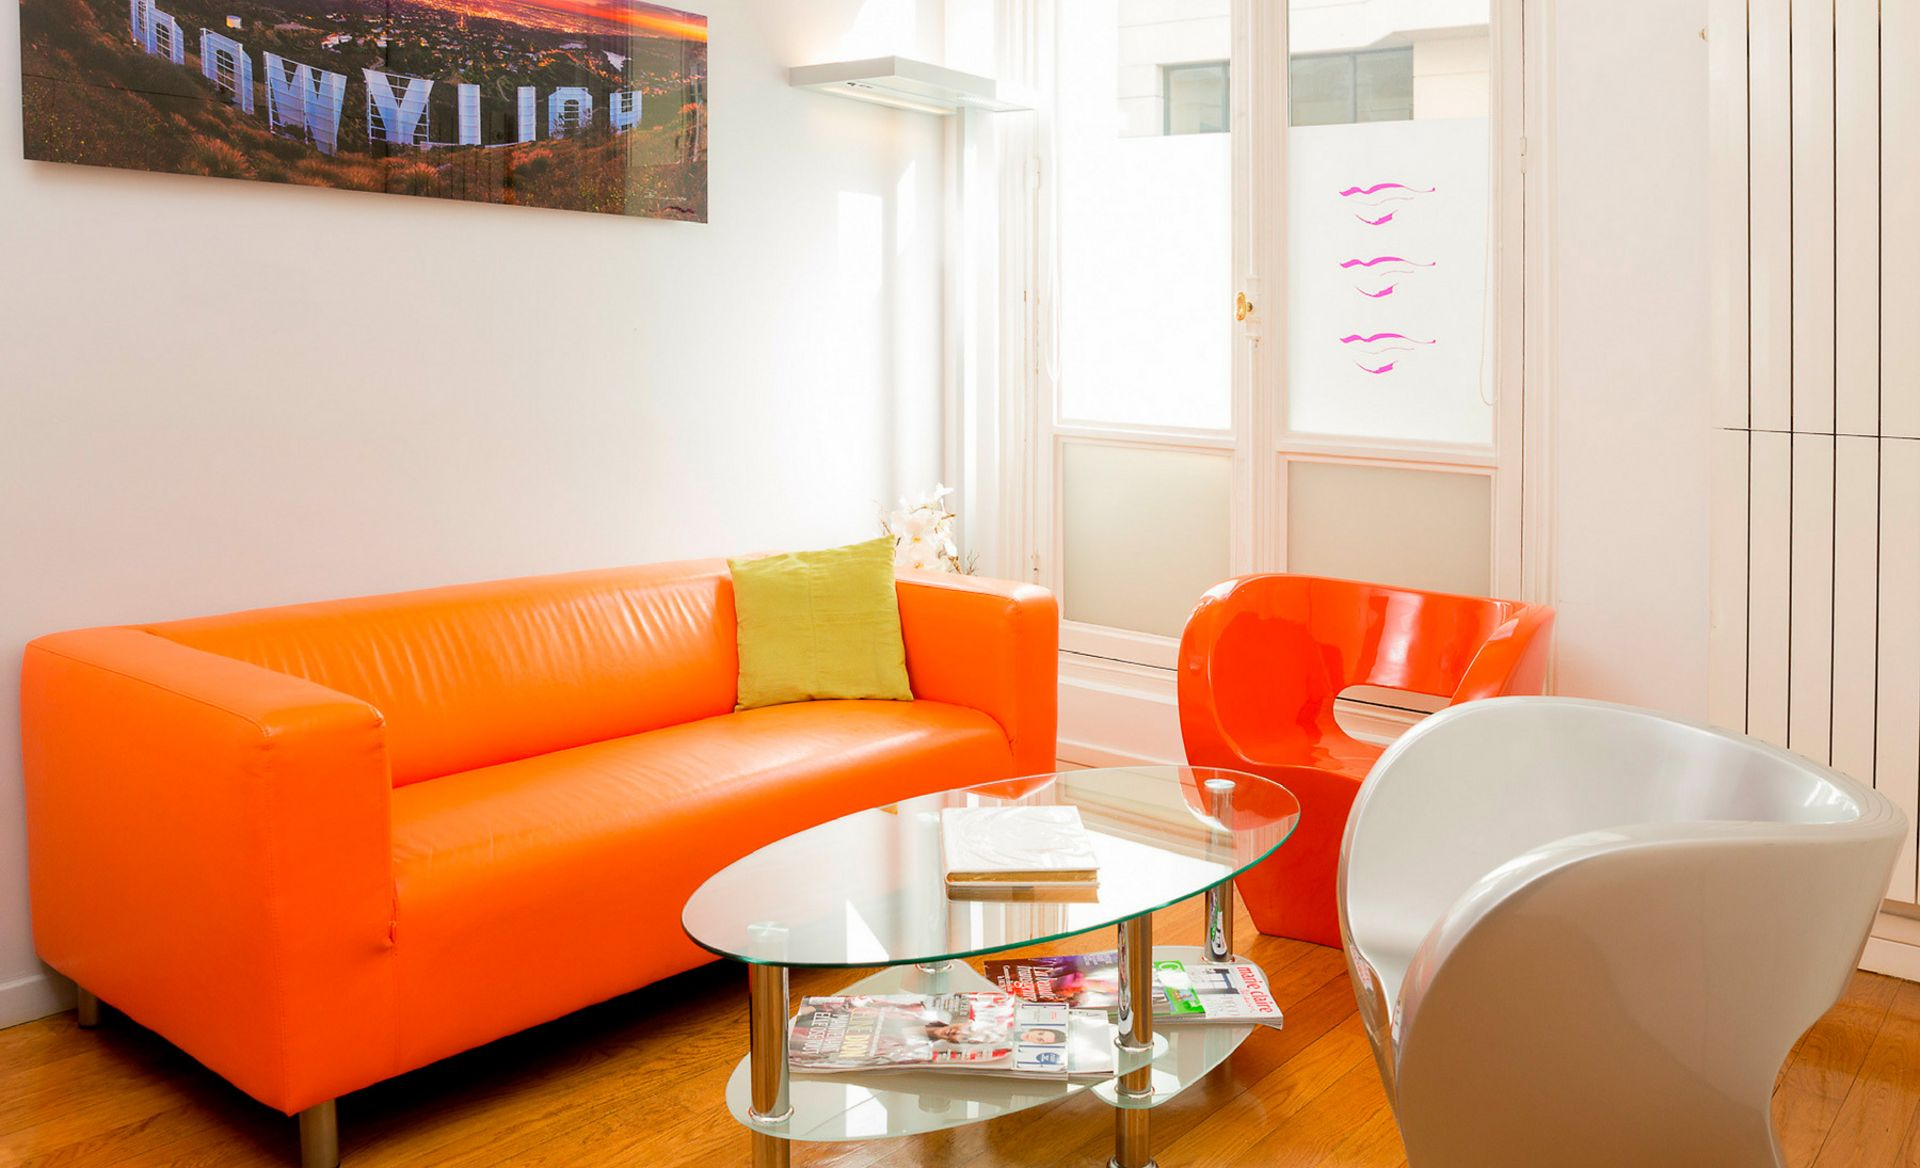 meilleur cabinet dentaire paris. Black Bedroom Furniture Sets. Home Design Ideas